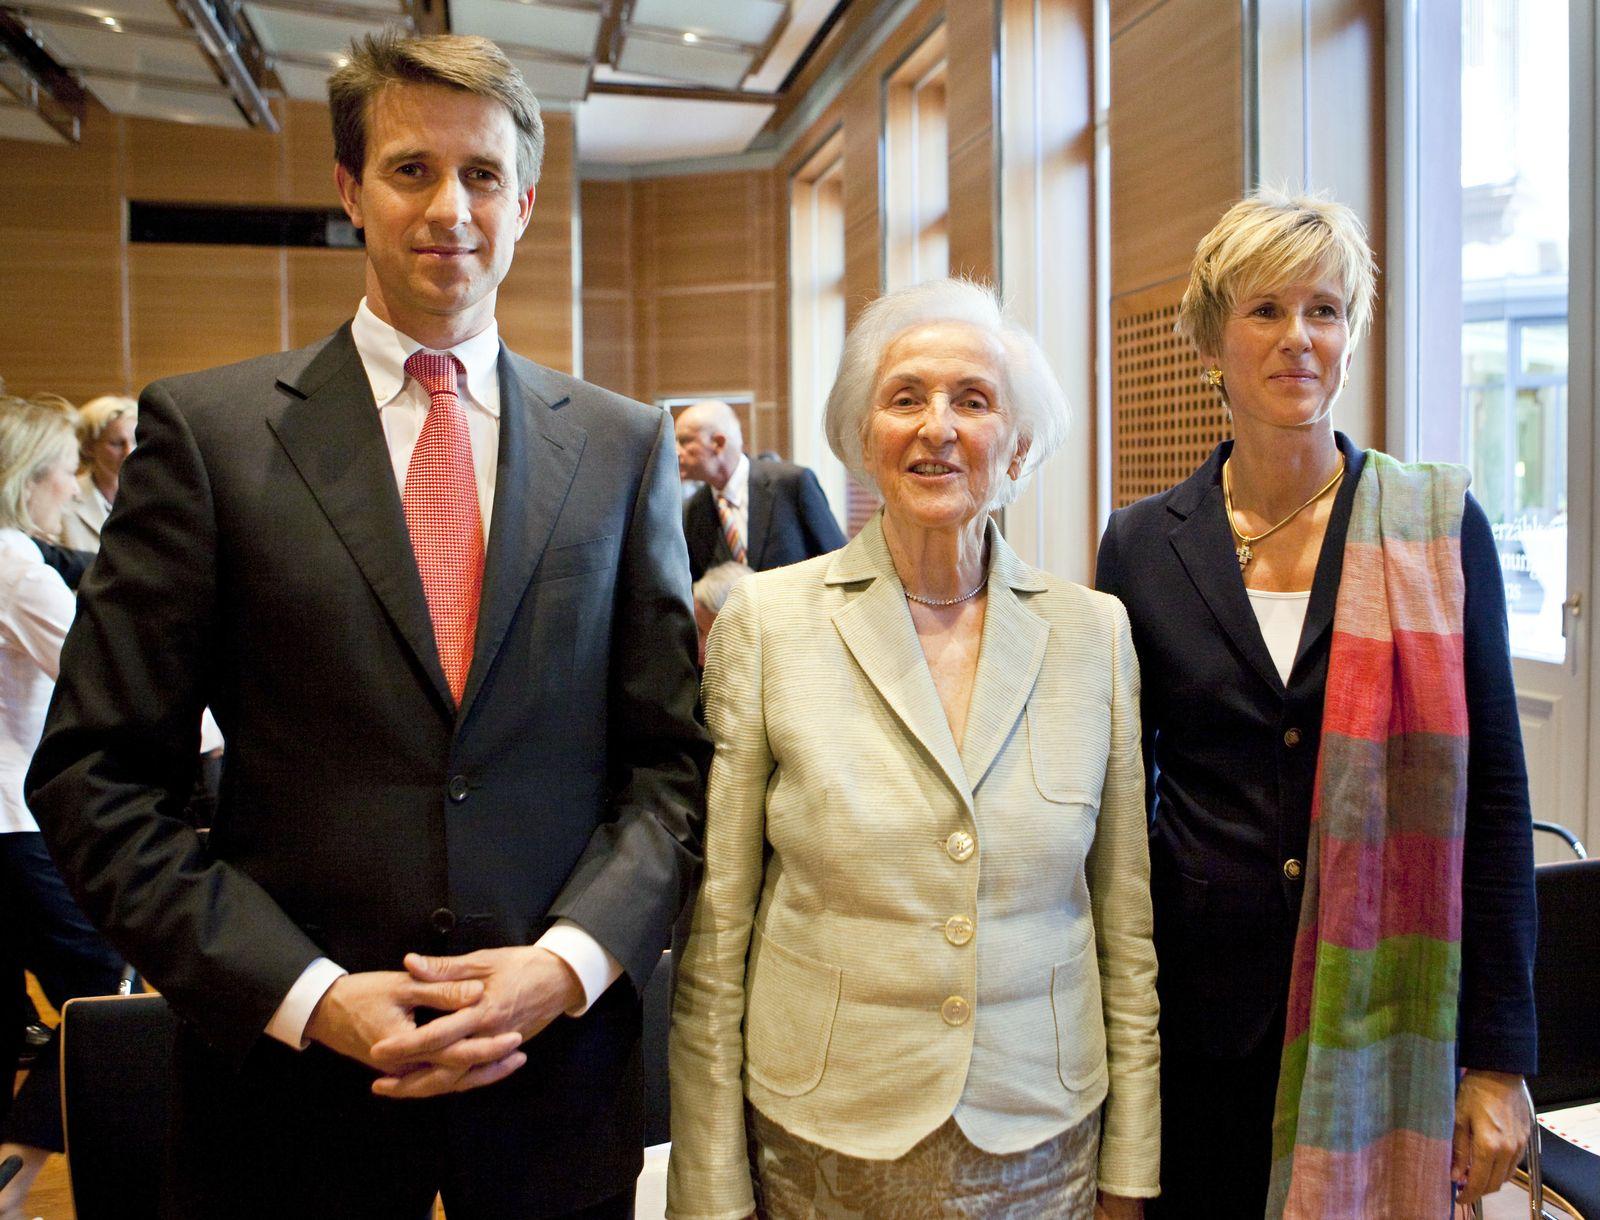 Familie Quandt / Stefan Quandt / Johanna Quandt / Susanne Klatten / BMW